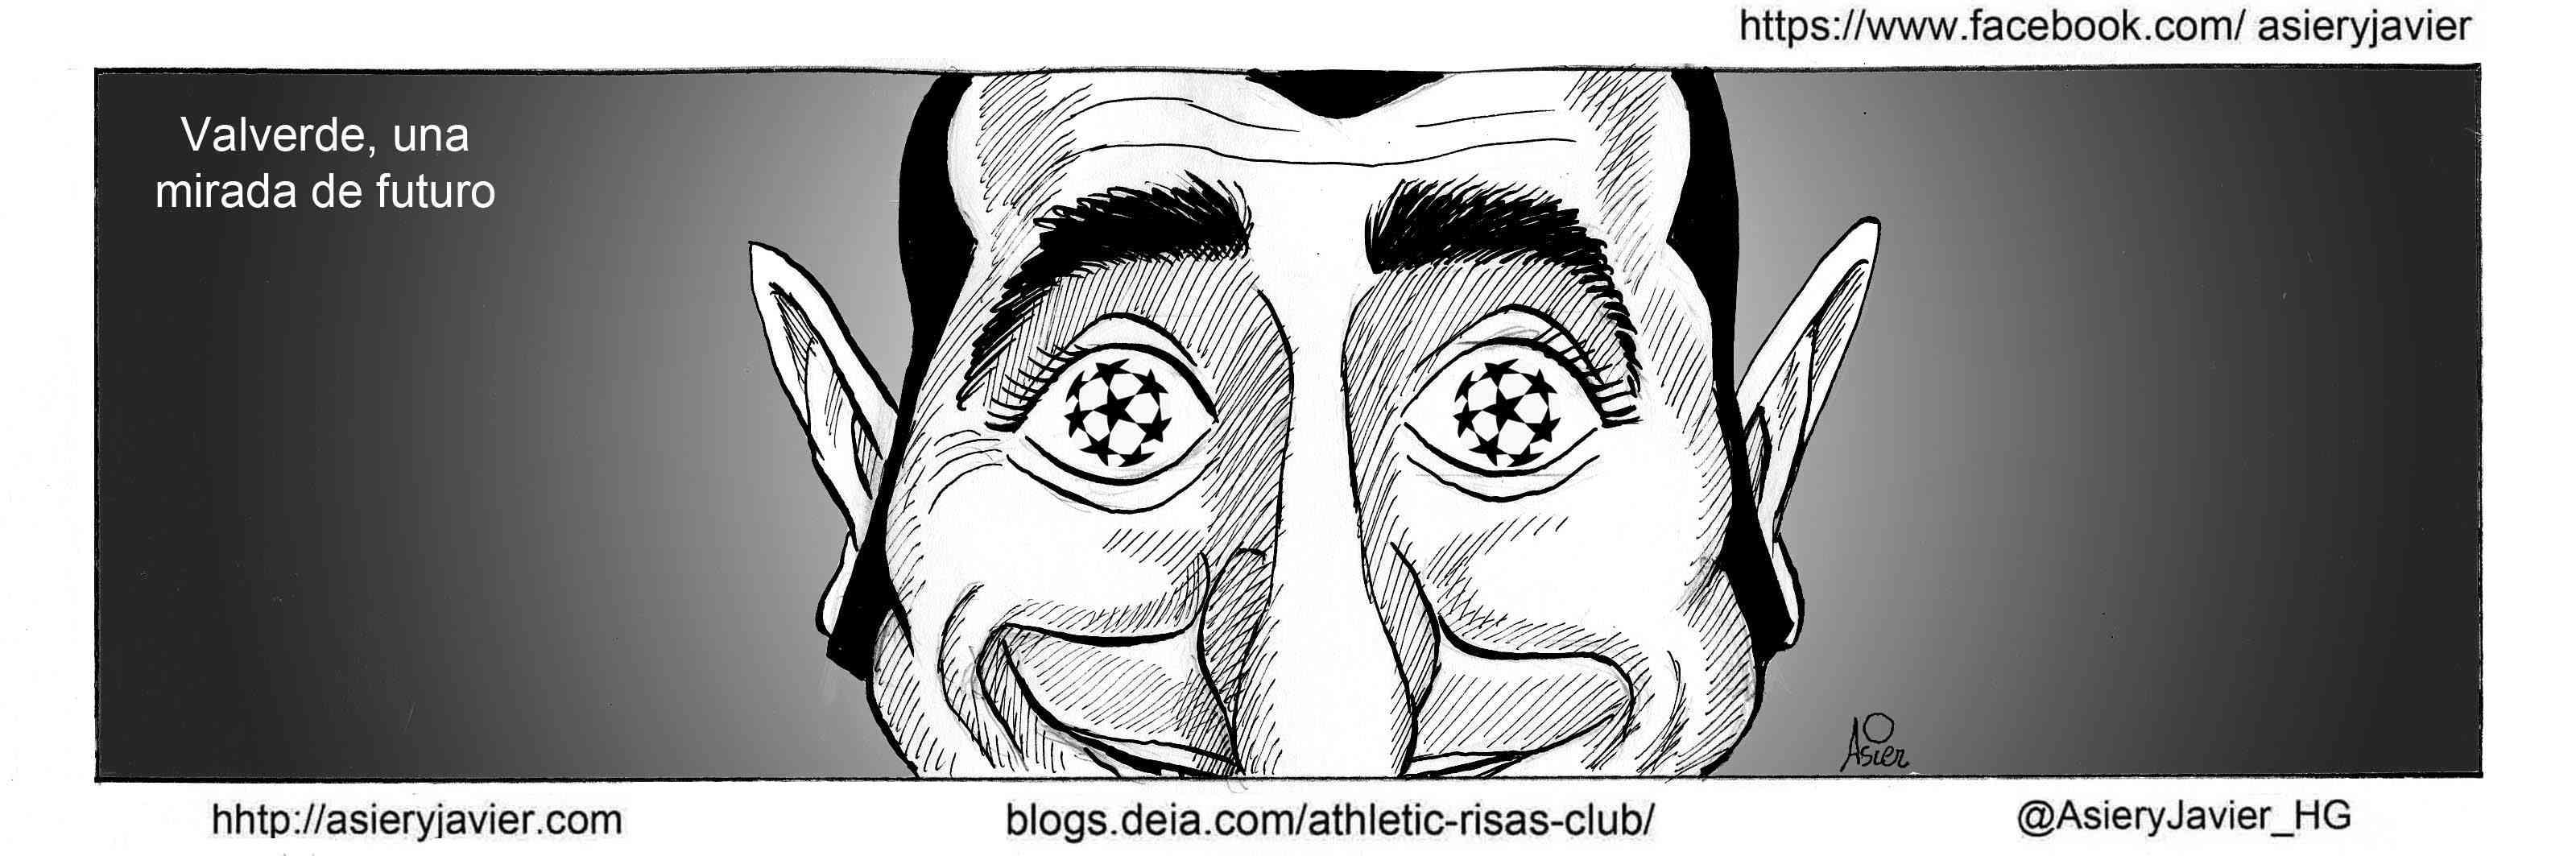 El Athletic de Valverde concluye la Liga con la mira puesta en la previa de Champions . Viñeta